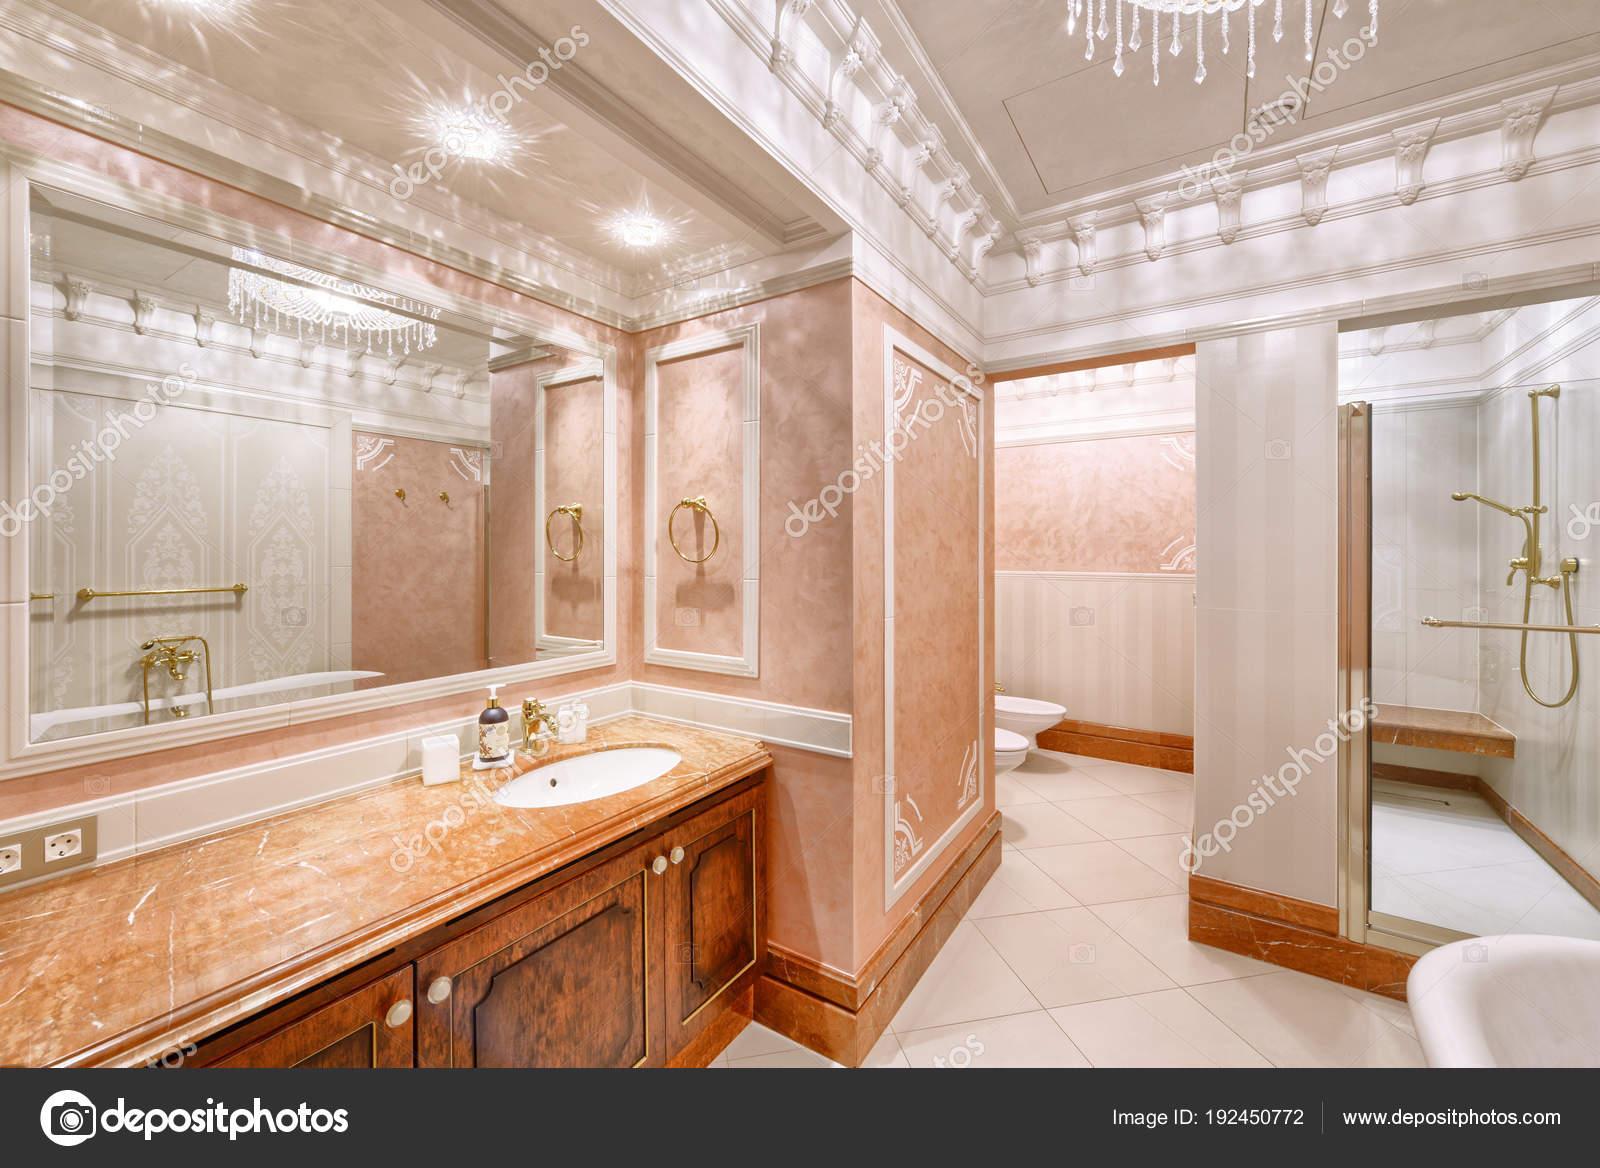 Diseño Interiores Casa Lujo Cuarto Baño Elegante — Foto de stock ...